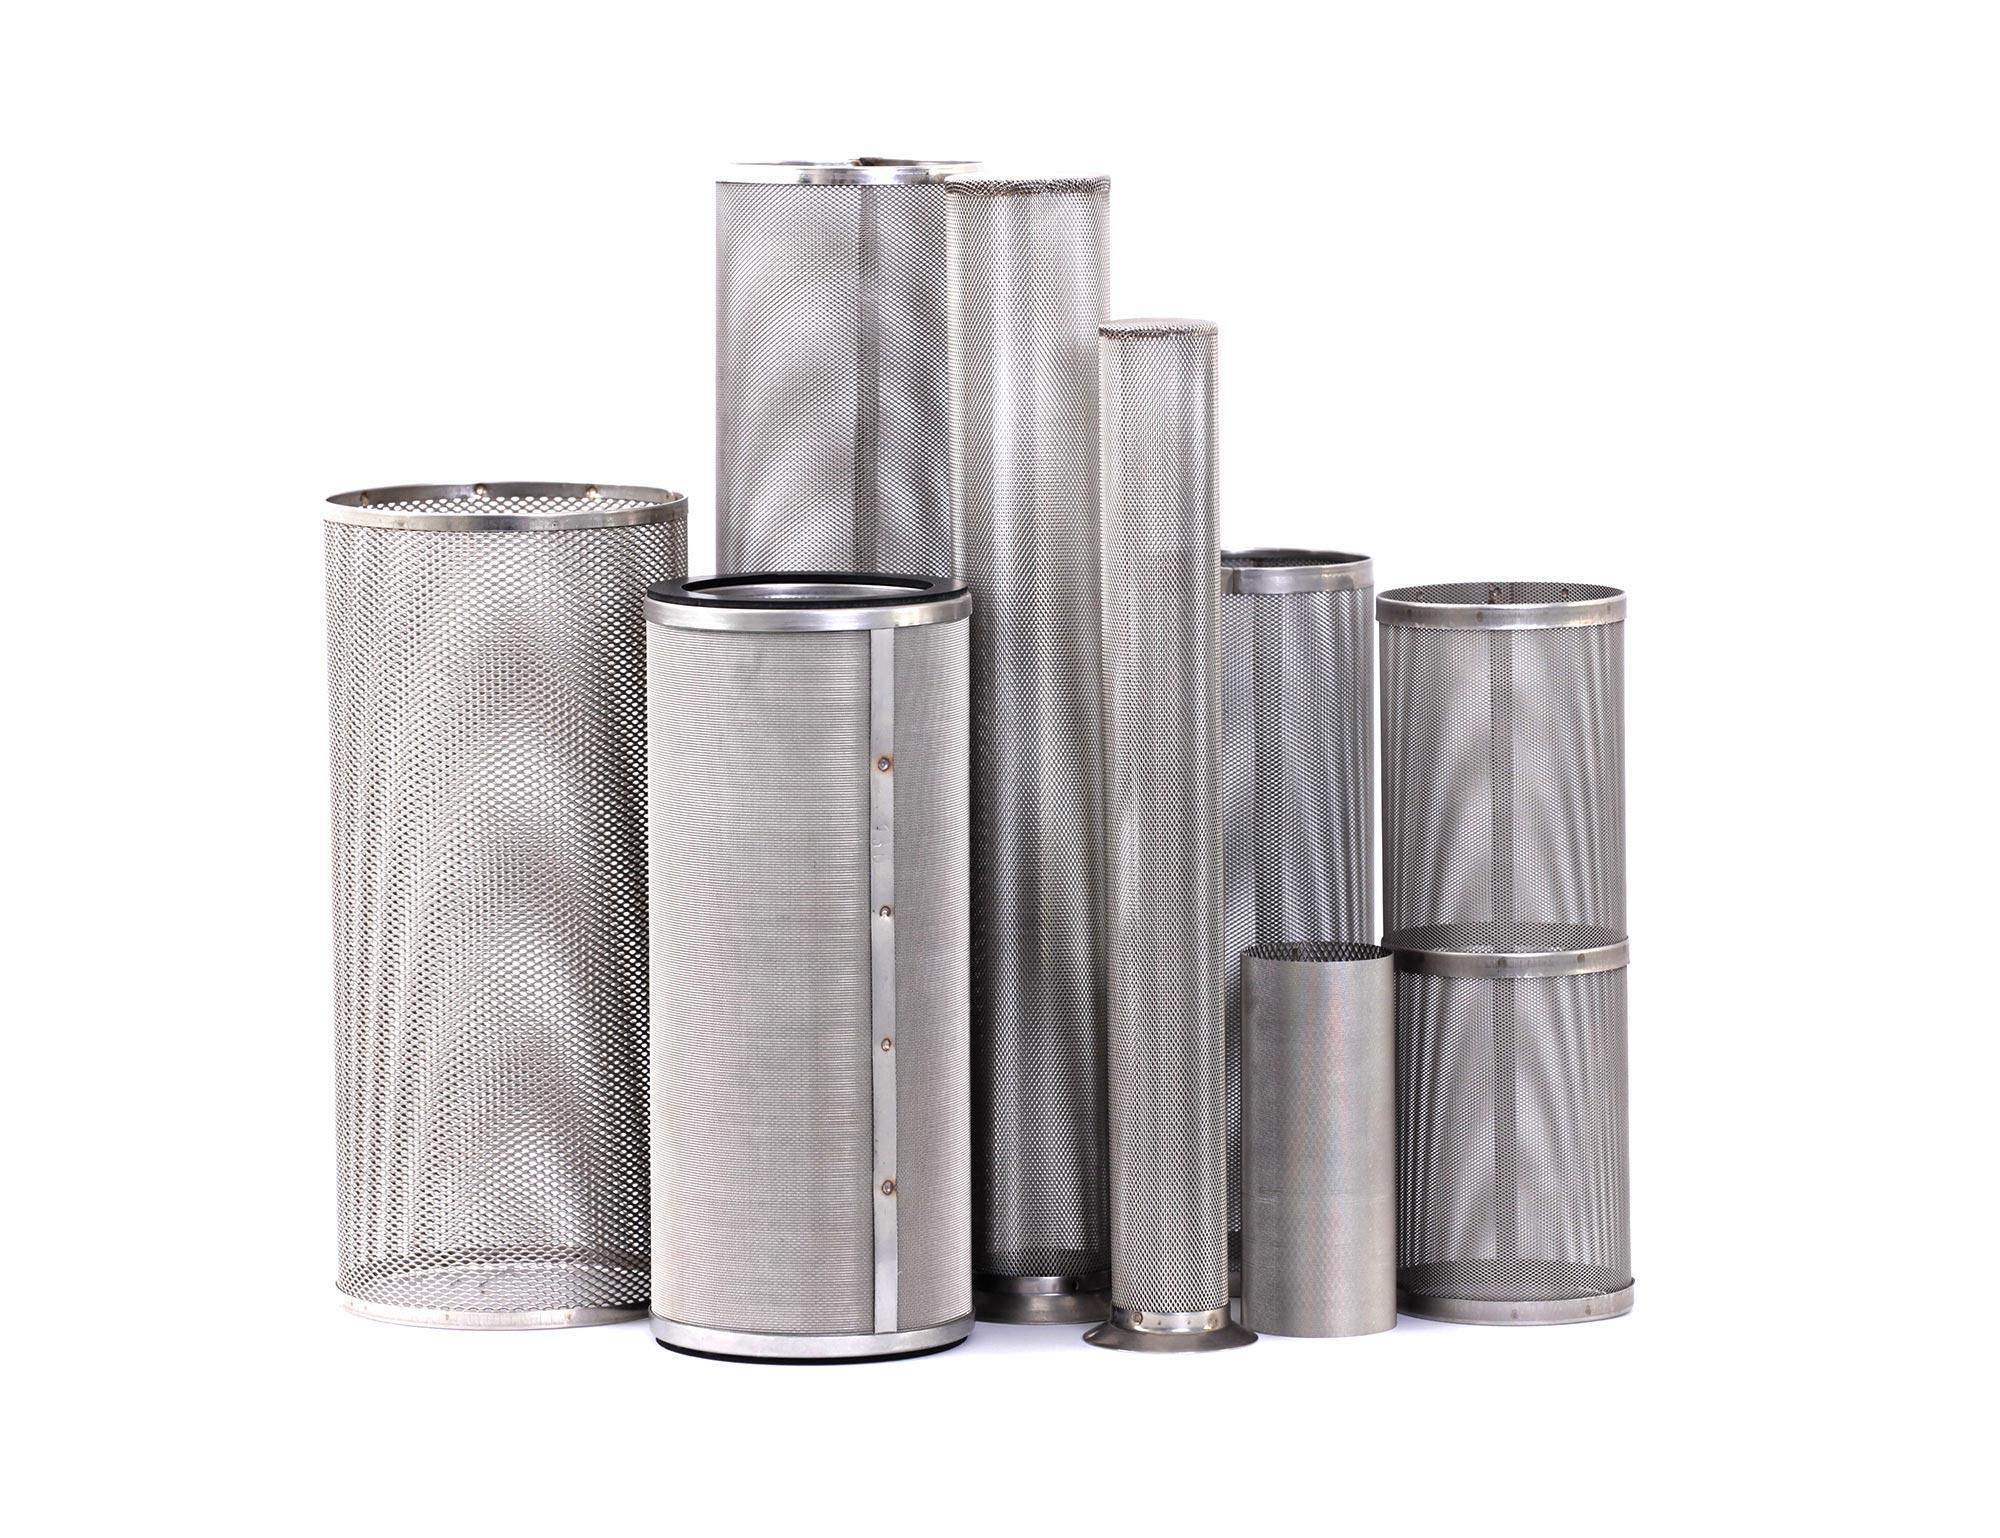 Prodotti filtri per sistemi irrigazione l p s for Filtro per irrigazione